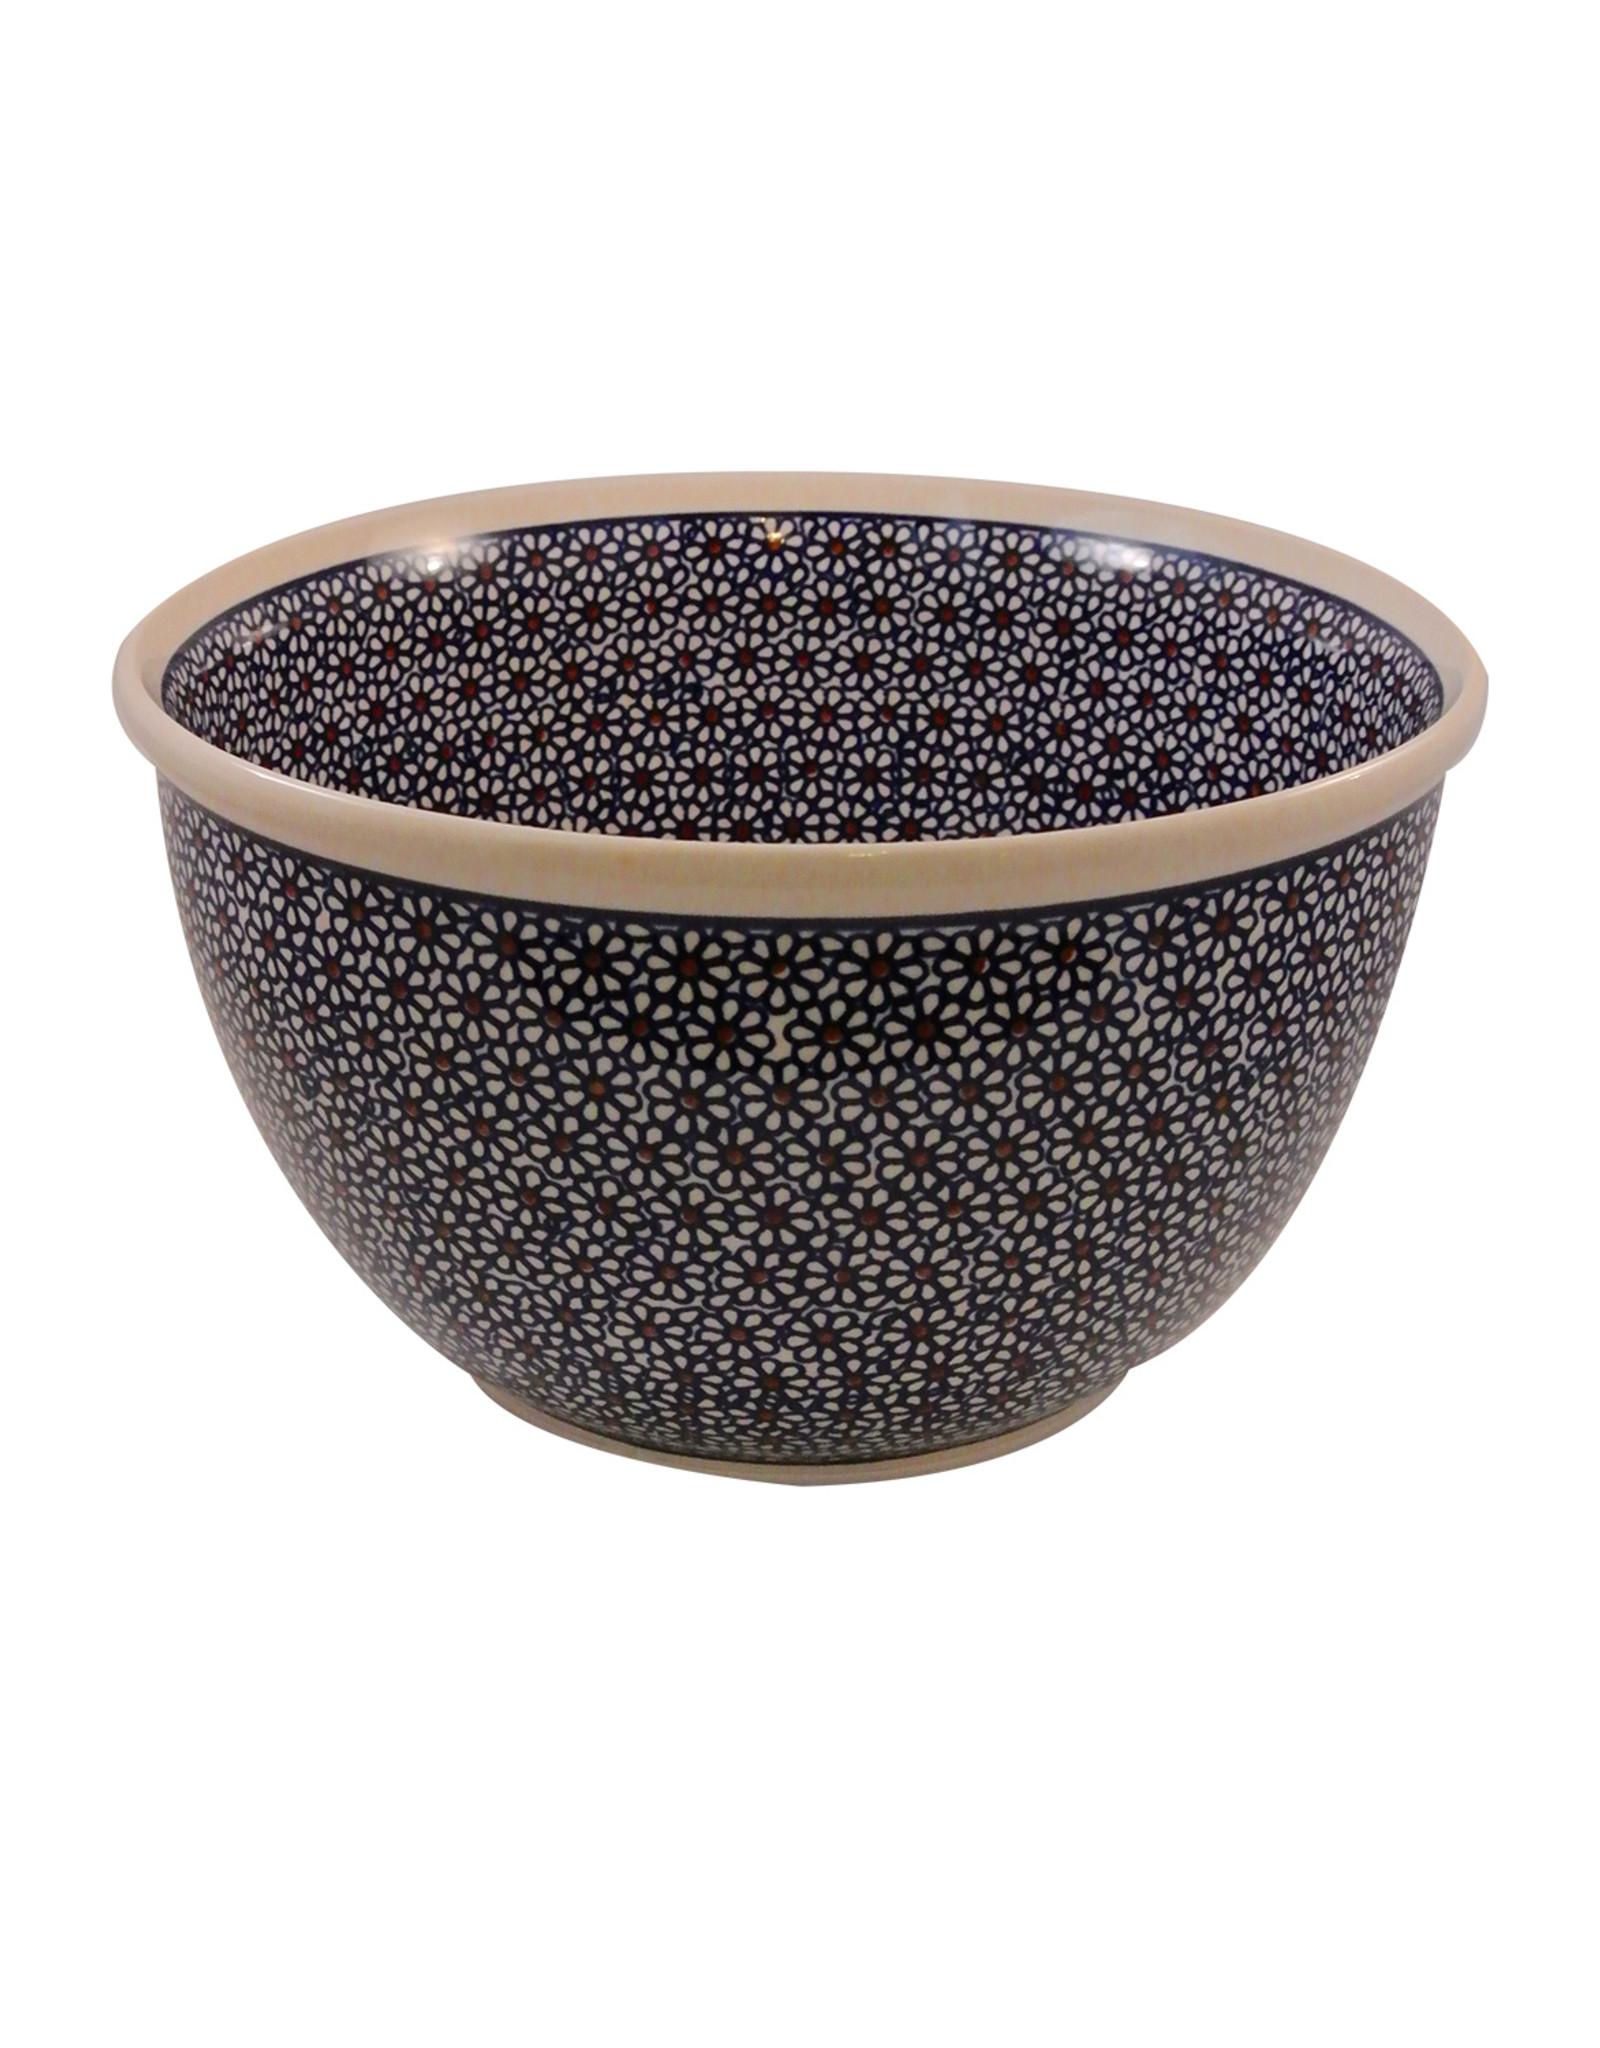 Polish Pottery Daisy Bowl - Large